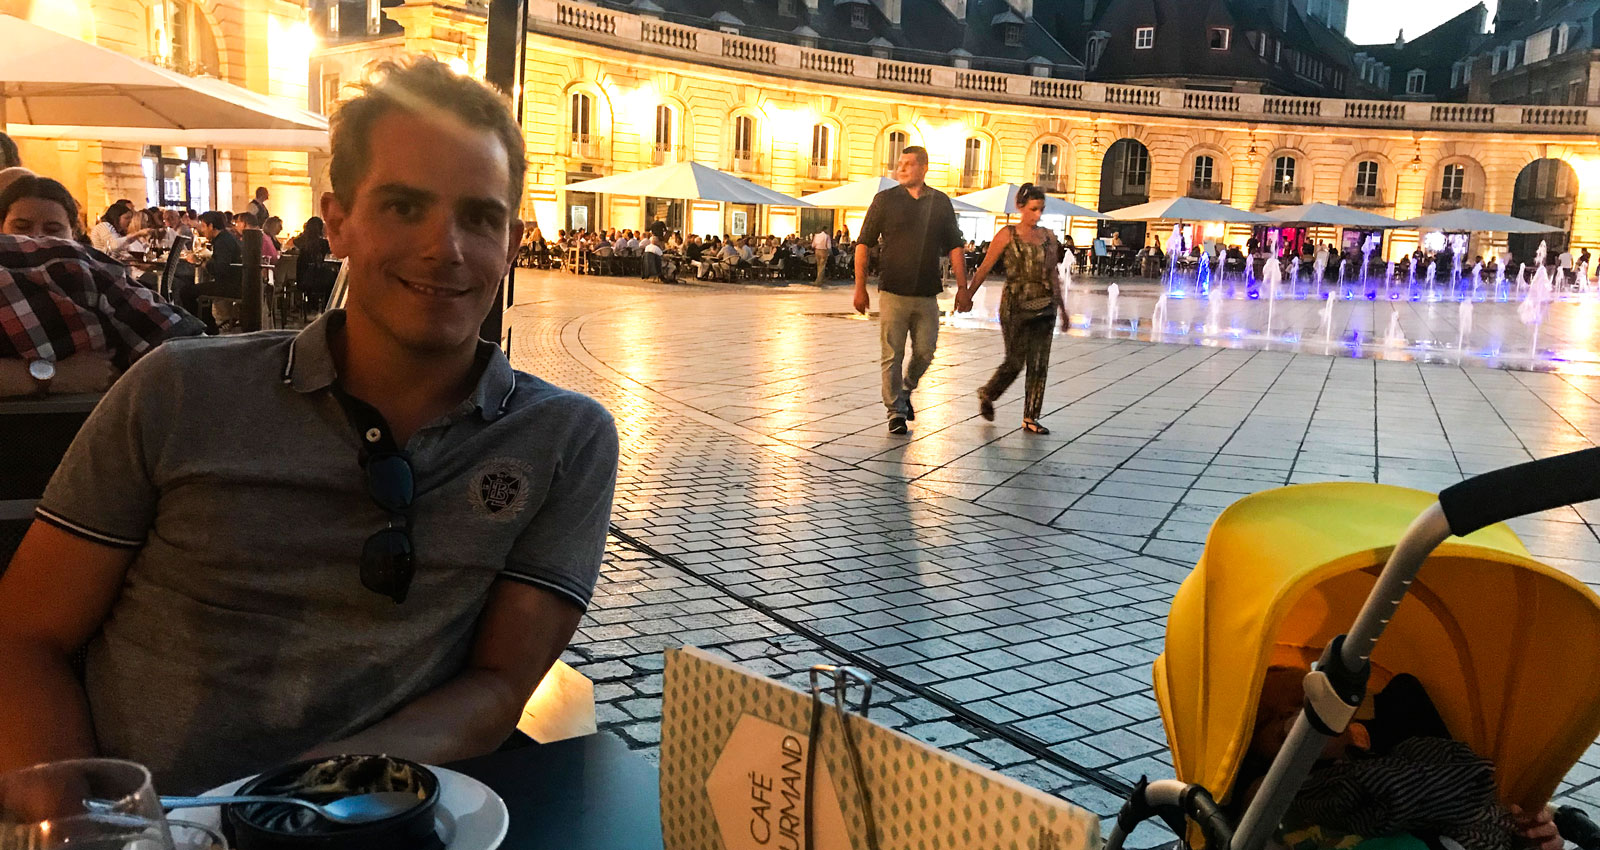 Middag i lugn och ro kan man få om man äter när bebisen somnat. Dijon, Frankrike.